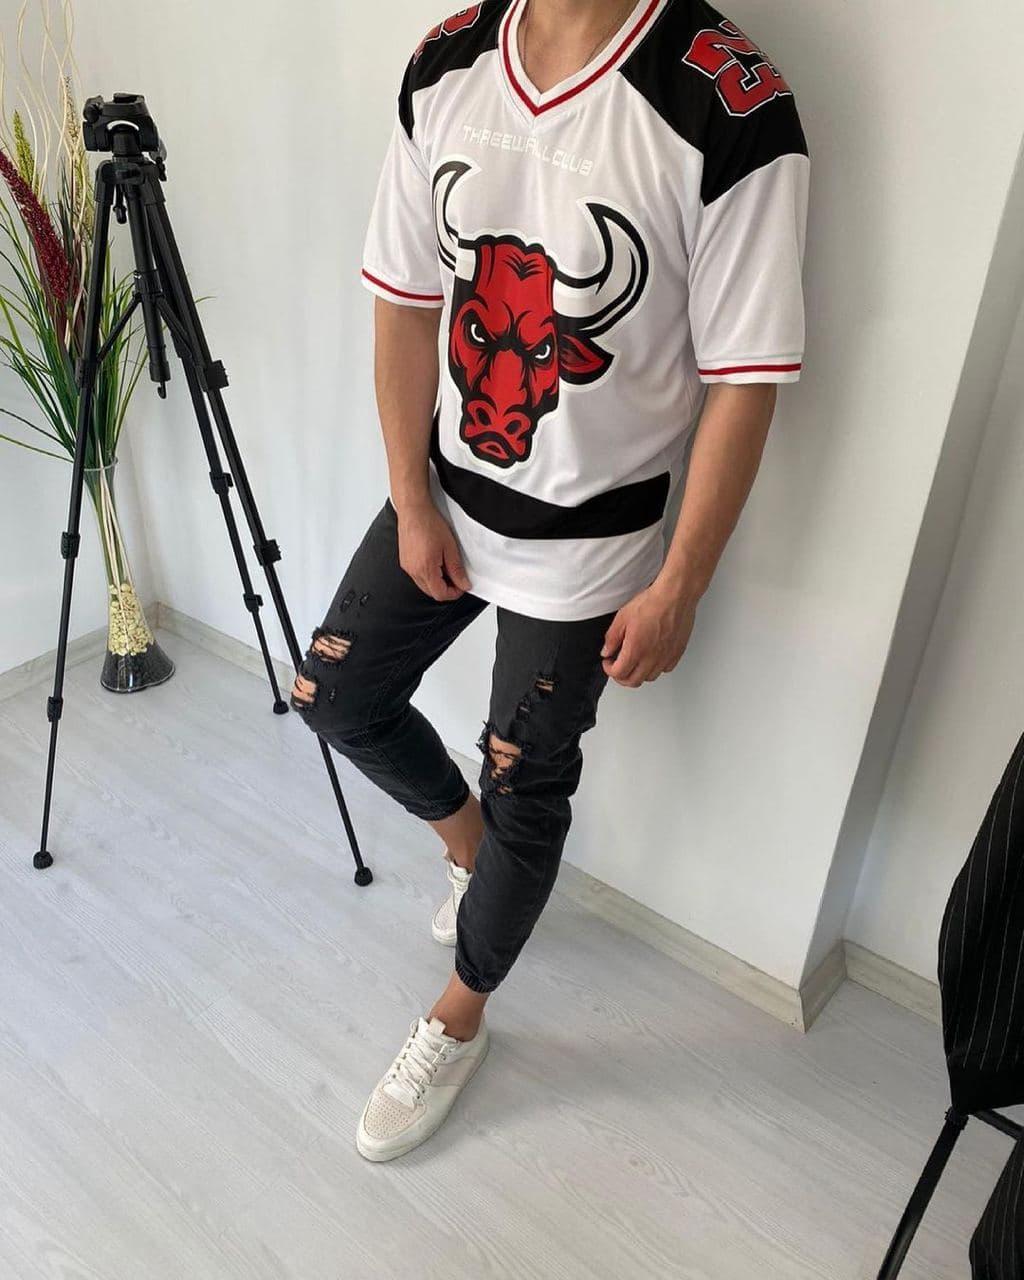 Мужская футболка стильная с принтом быка 23 (белая) стильная одежда sF210